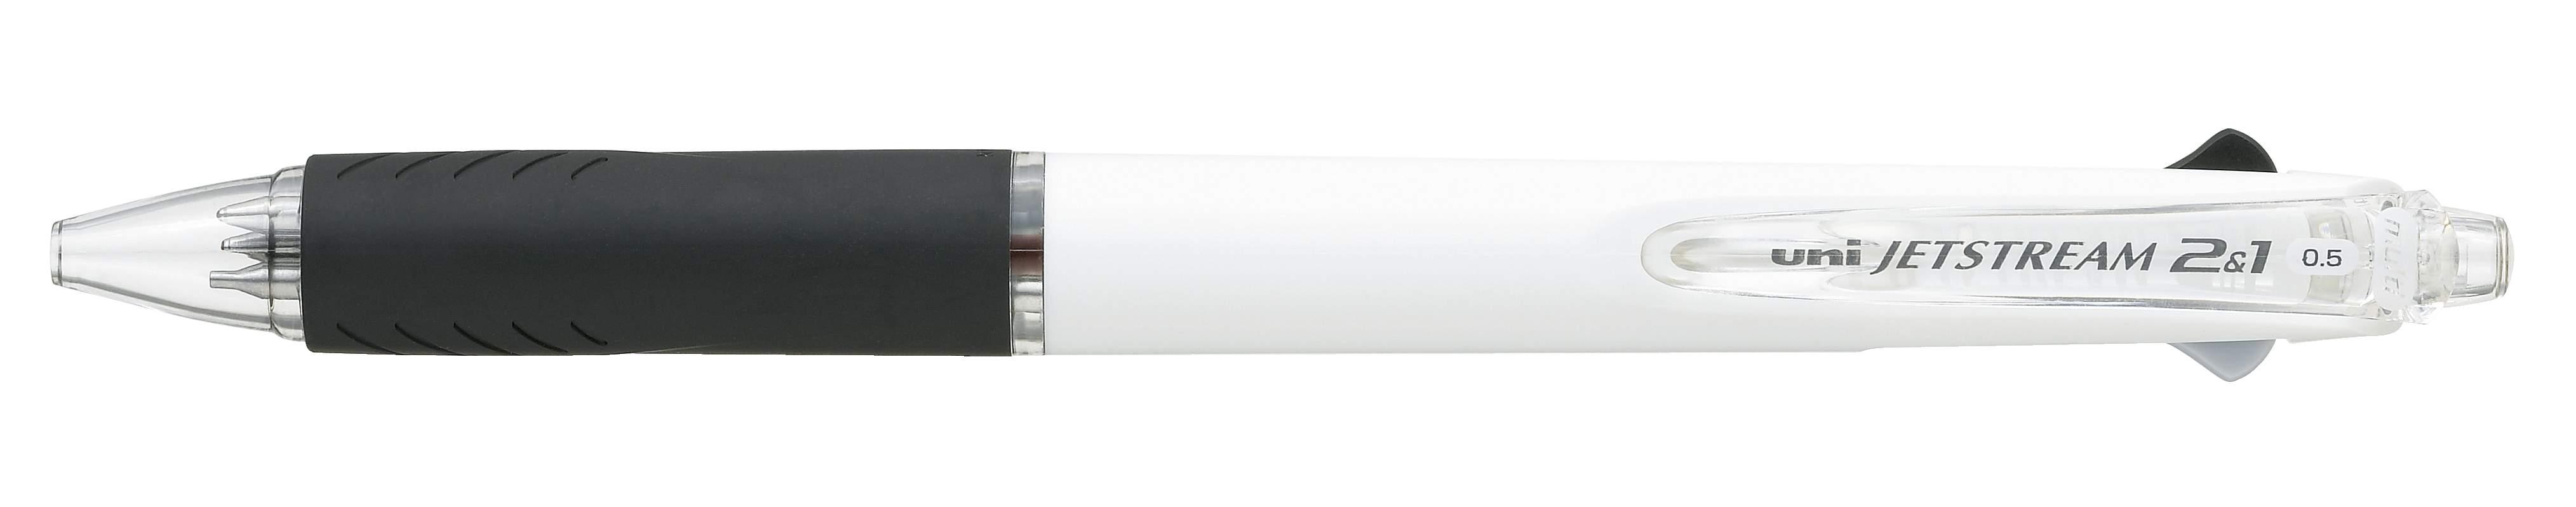 mtMSXE3-500-05.1